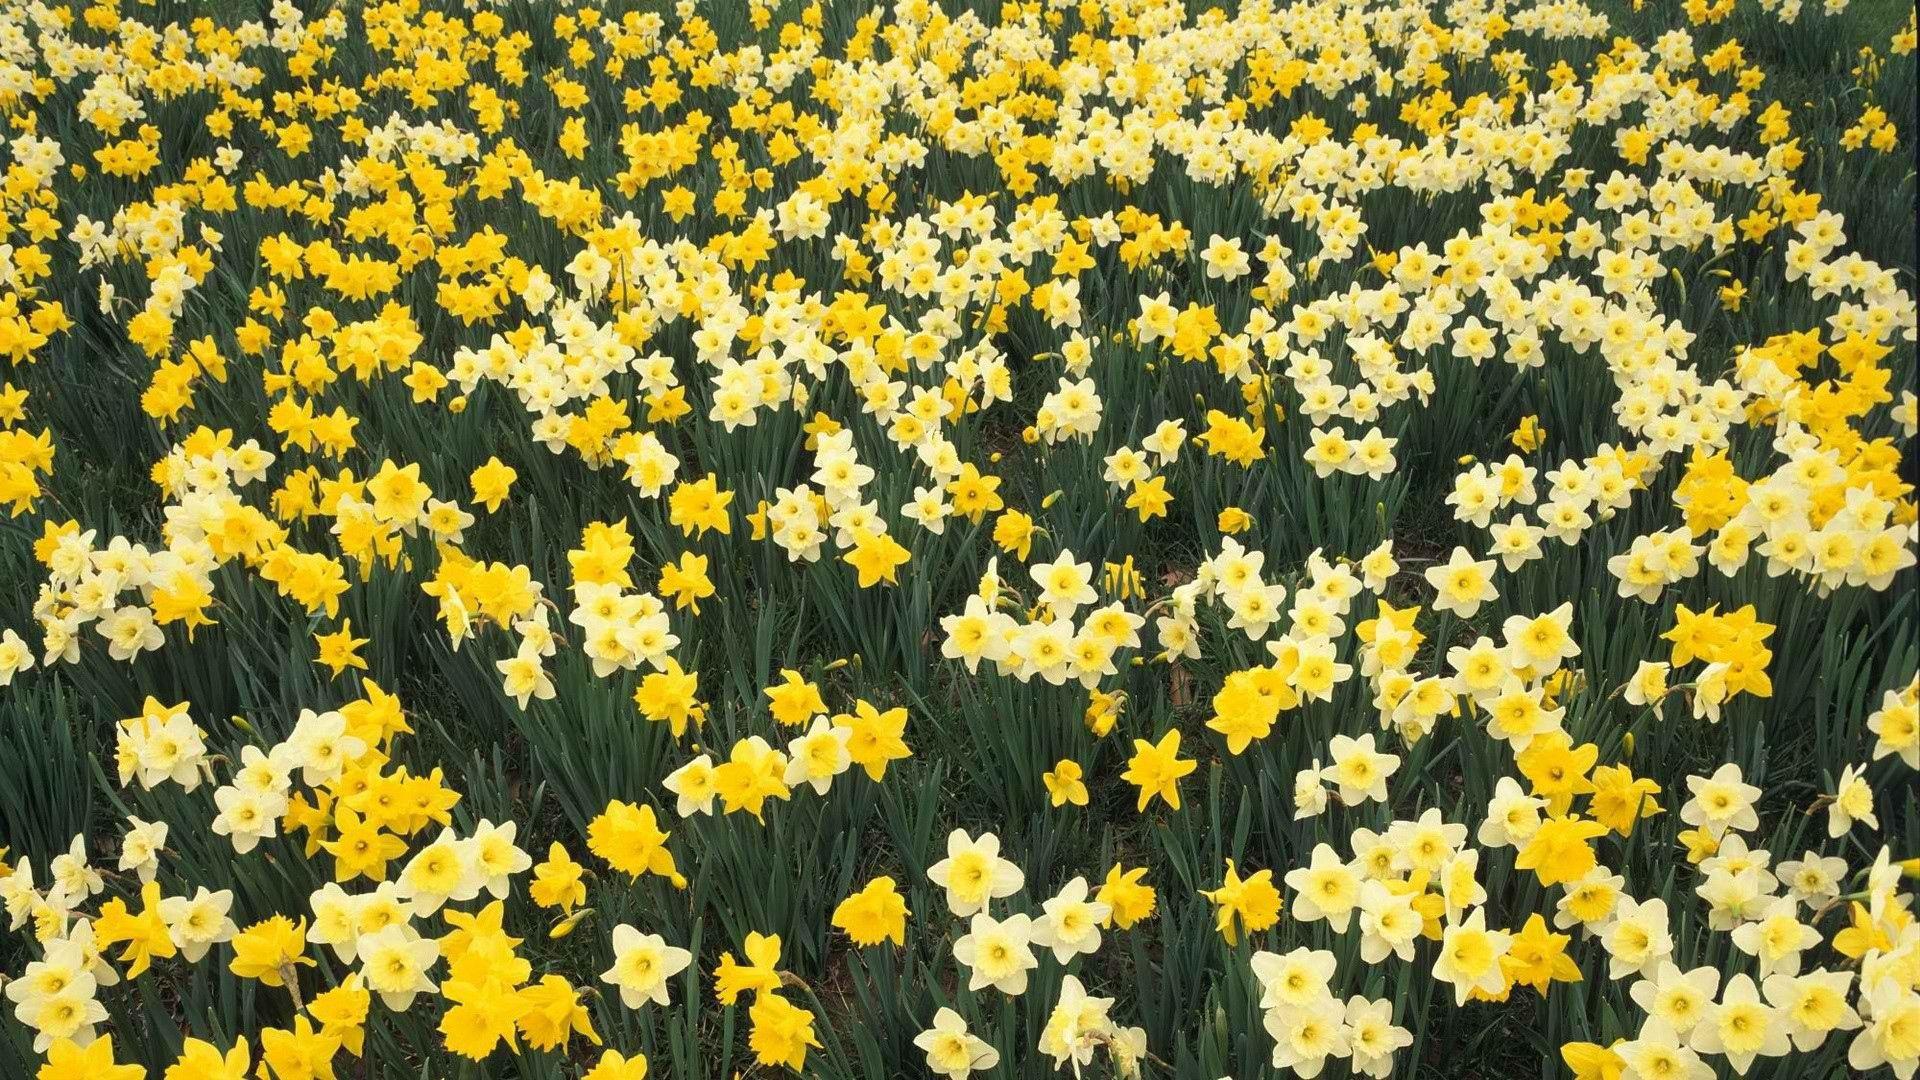 113033 Заставки и Обои Нарциссы на телефон. Скачать Цветы, Нарциссы, Зелень, Клумба, Весна картинки бесплатно